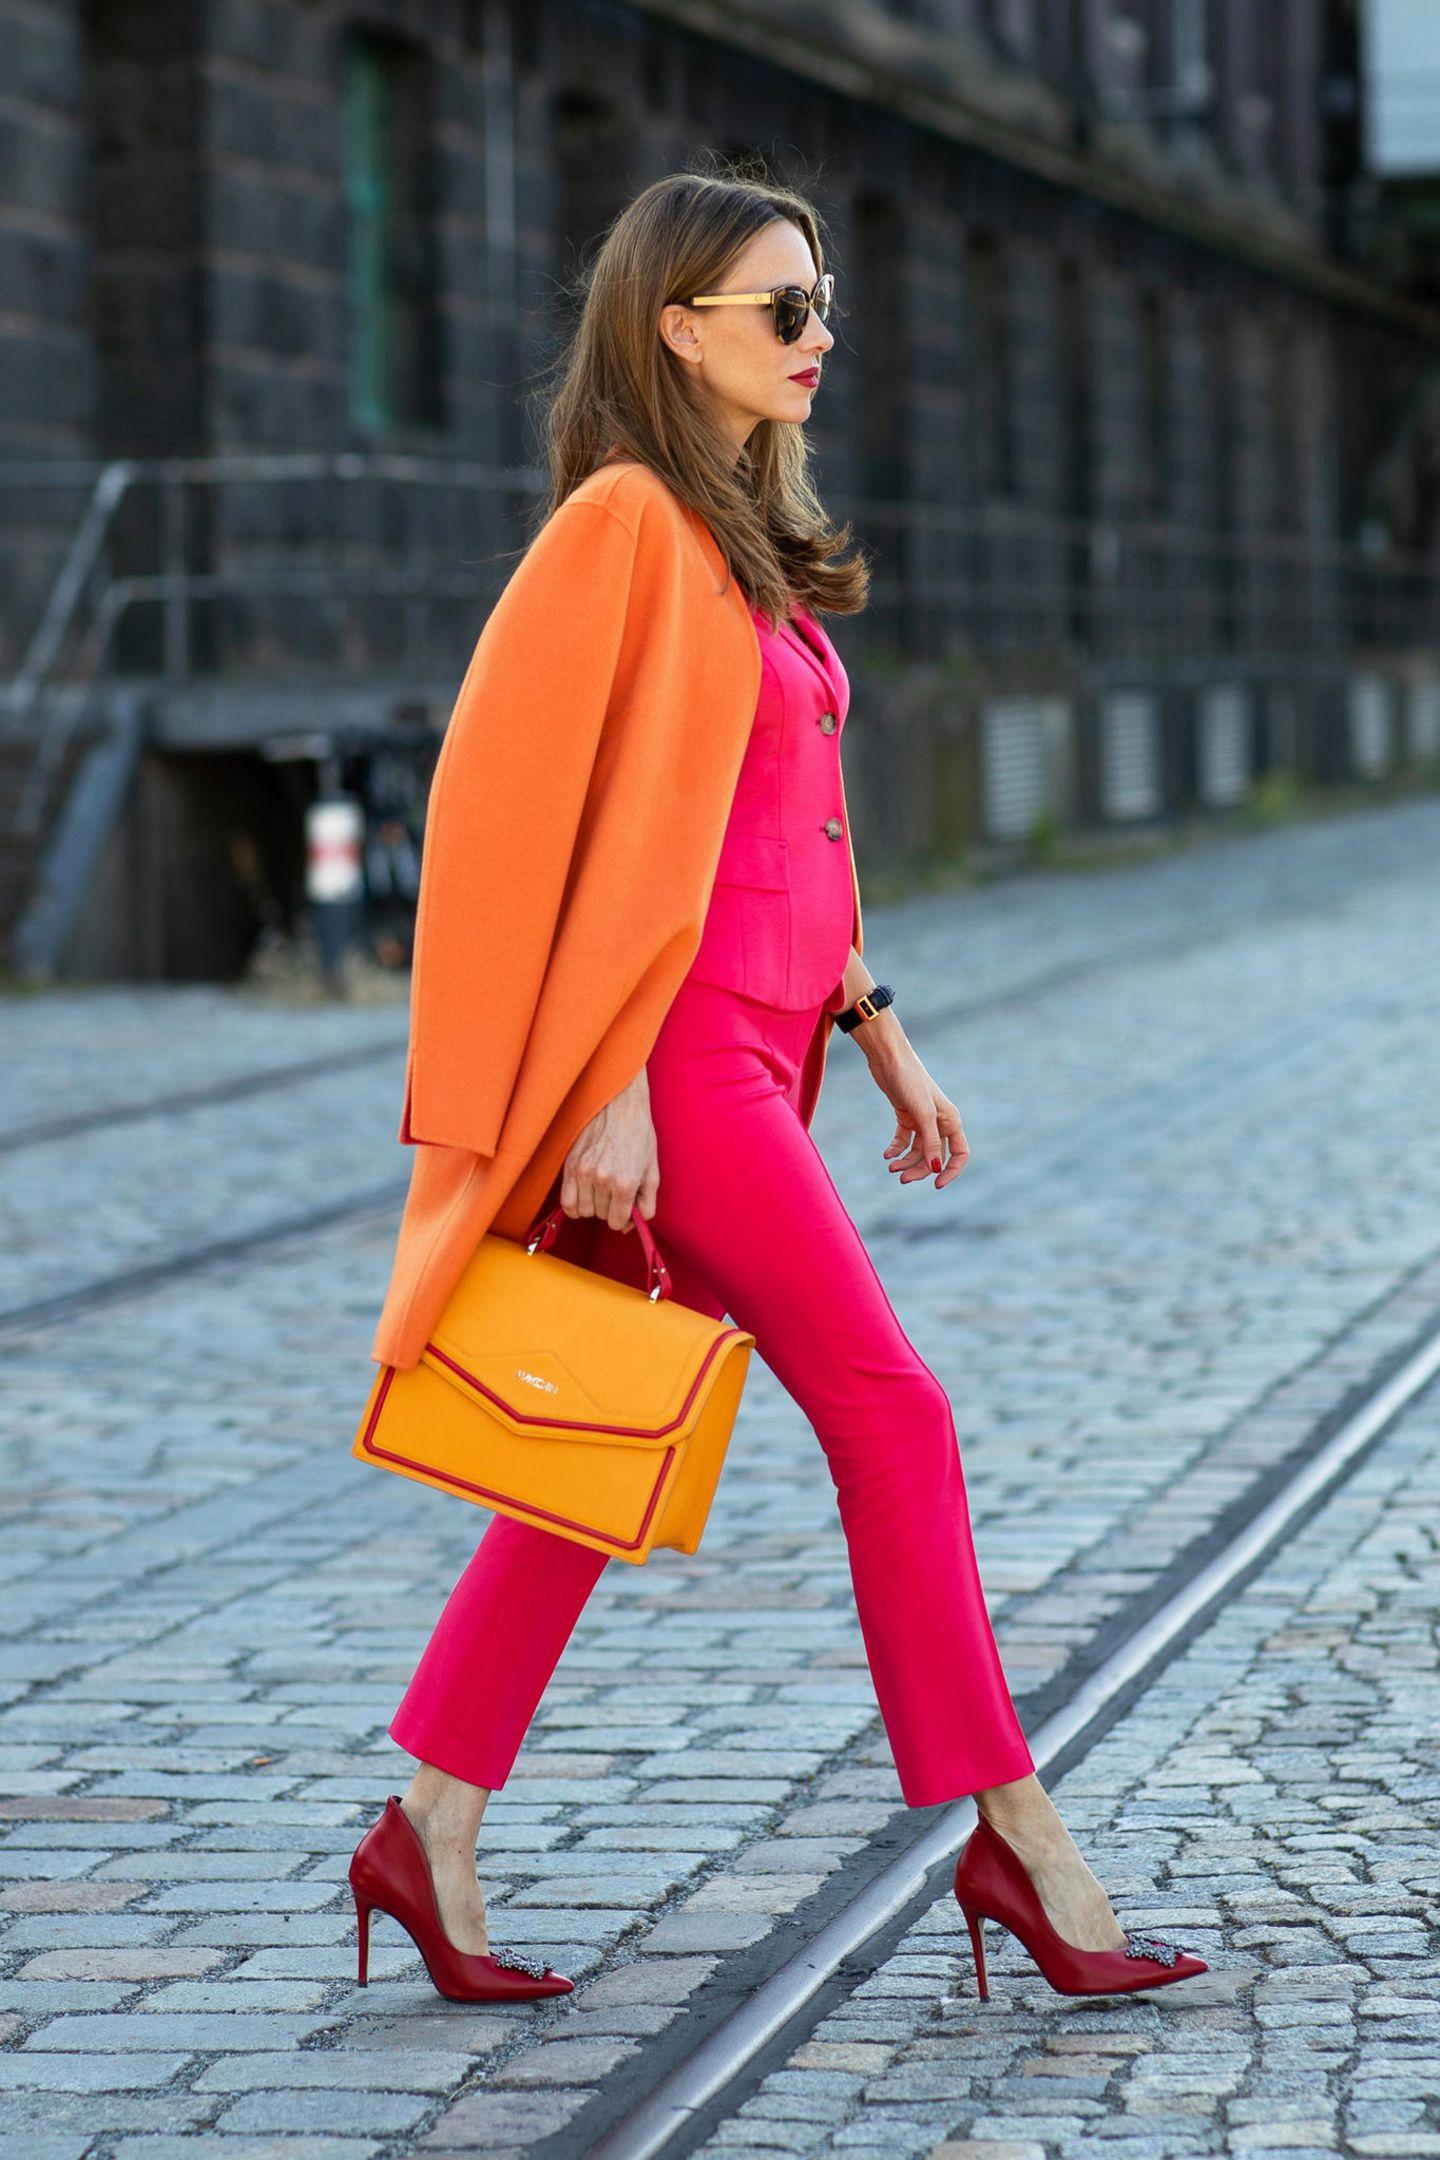 Noch kompletter wirkt das Outfit mit einem orangefarbenen Mantel - mit diesem Look von Marc Cain kann Alexandra Lapp locker den Verkehr lahm legen.